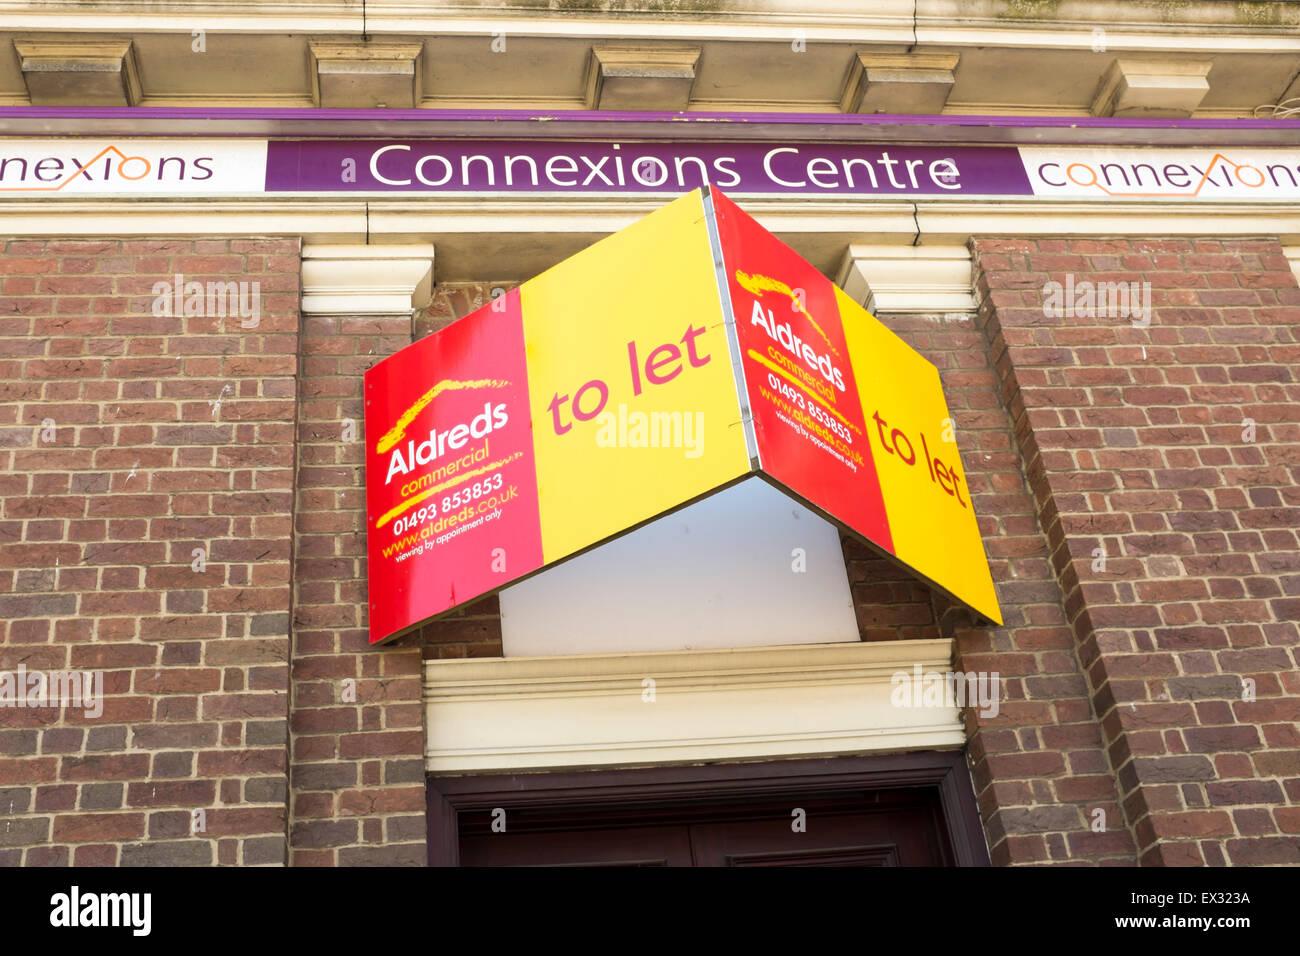 Lassen Sie frei Connexions Zentrum Jugend Dienstleistungen Karriere Beratung und Anleitung Gebäude anmelden Stockbild